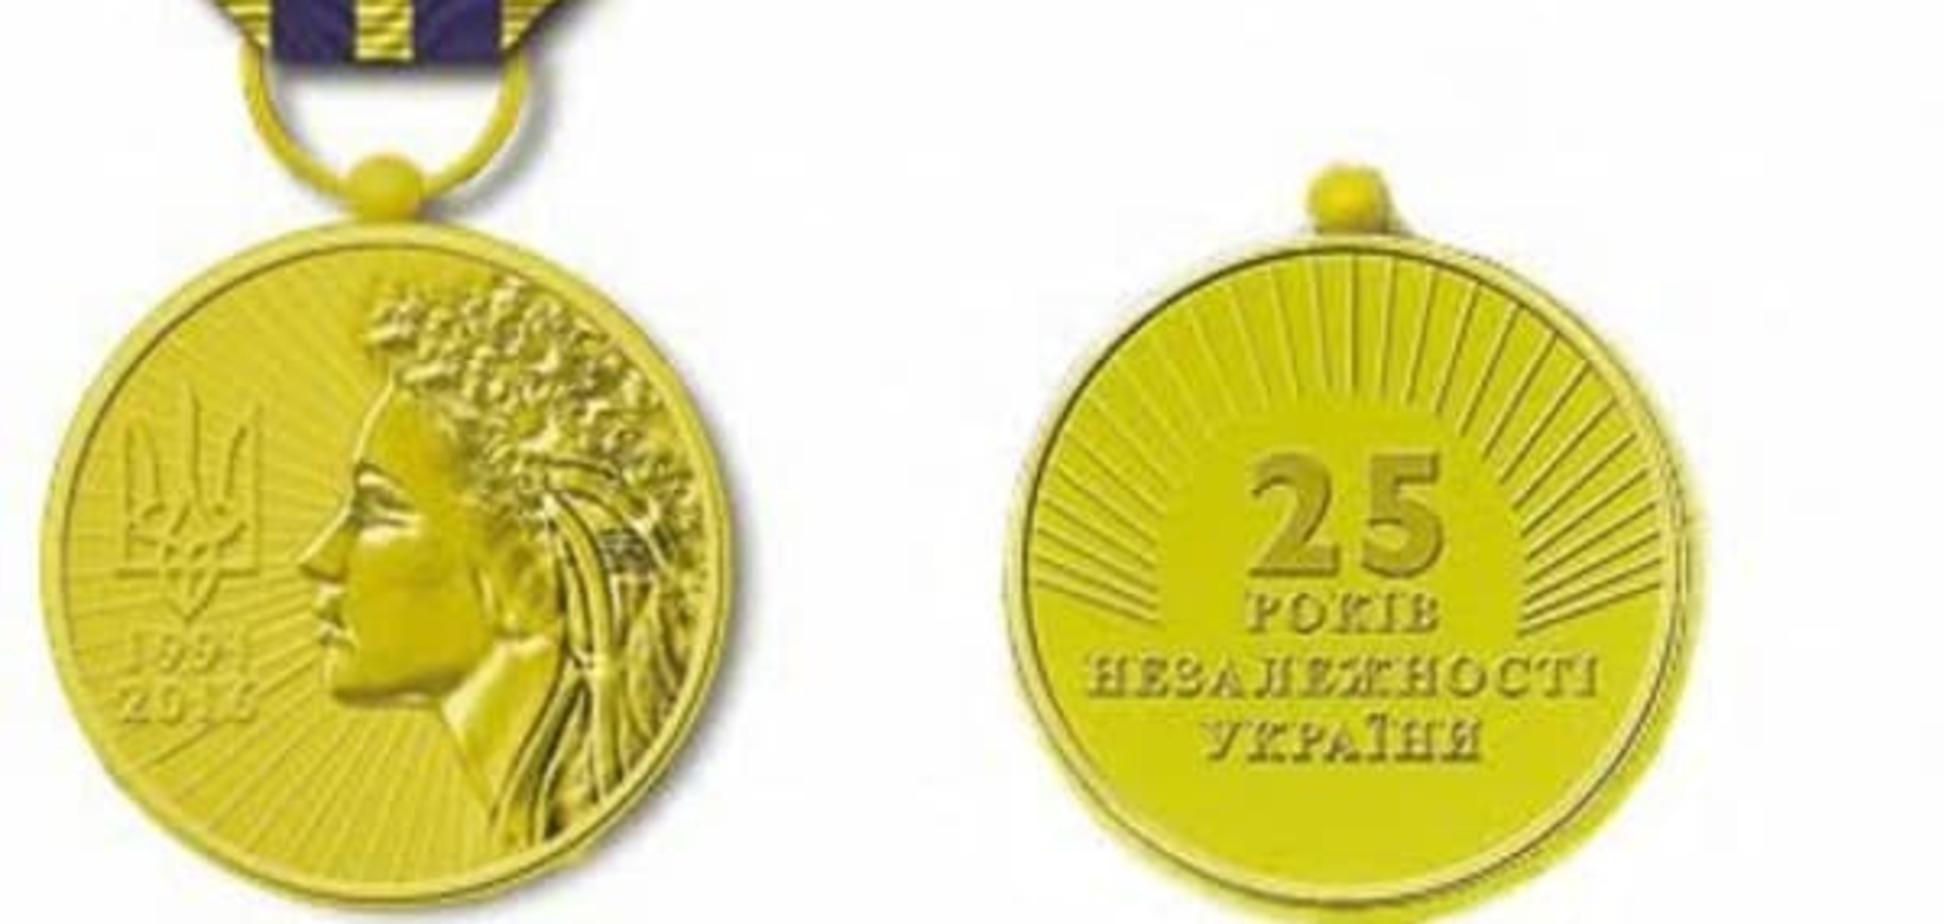 Кабмин предложил Порошенко наградить медалями 14 нардепов: опубликован список